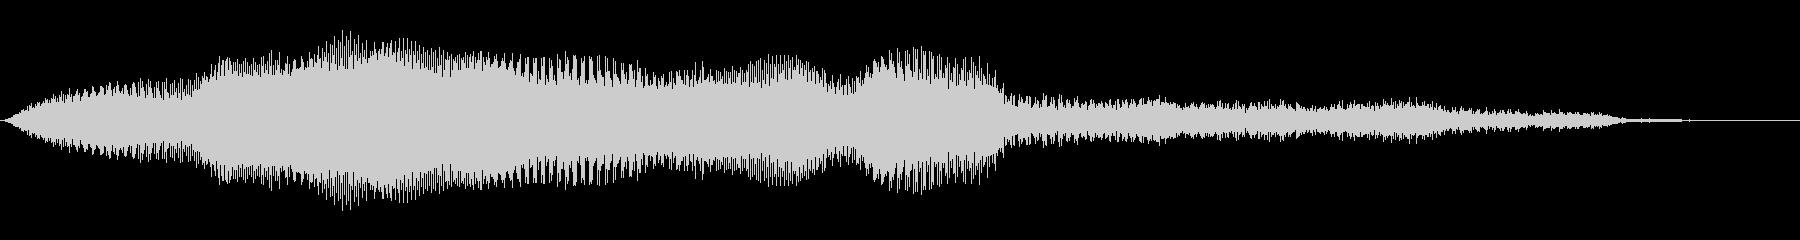 スペースフェリー2の未再生の波形